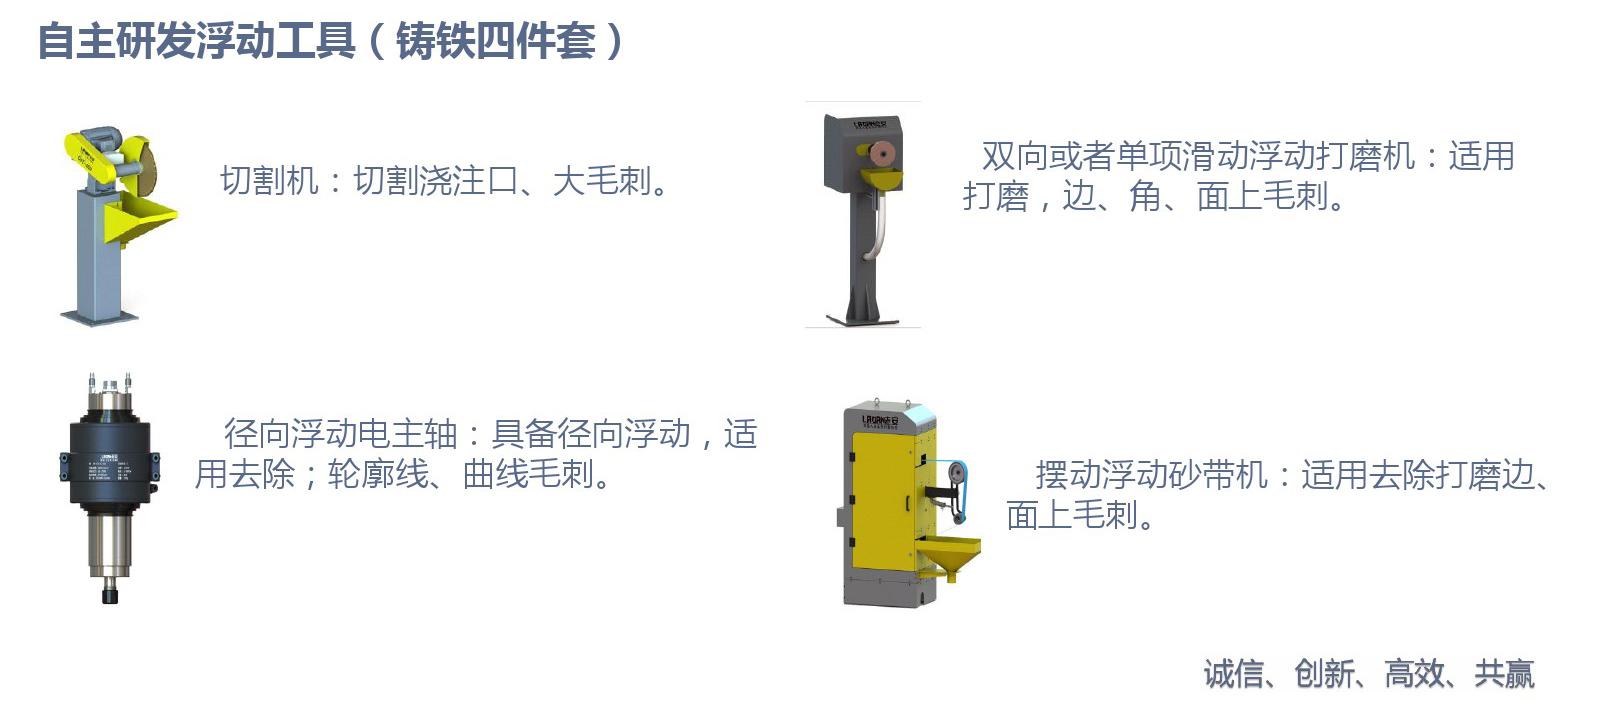 自主研发浮动工具(铸铁四件套)